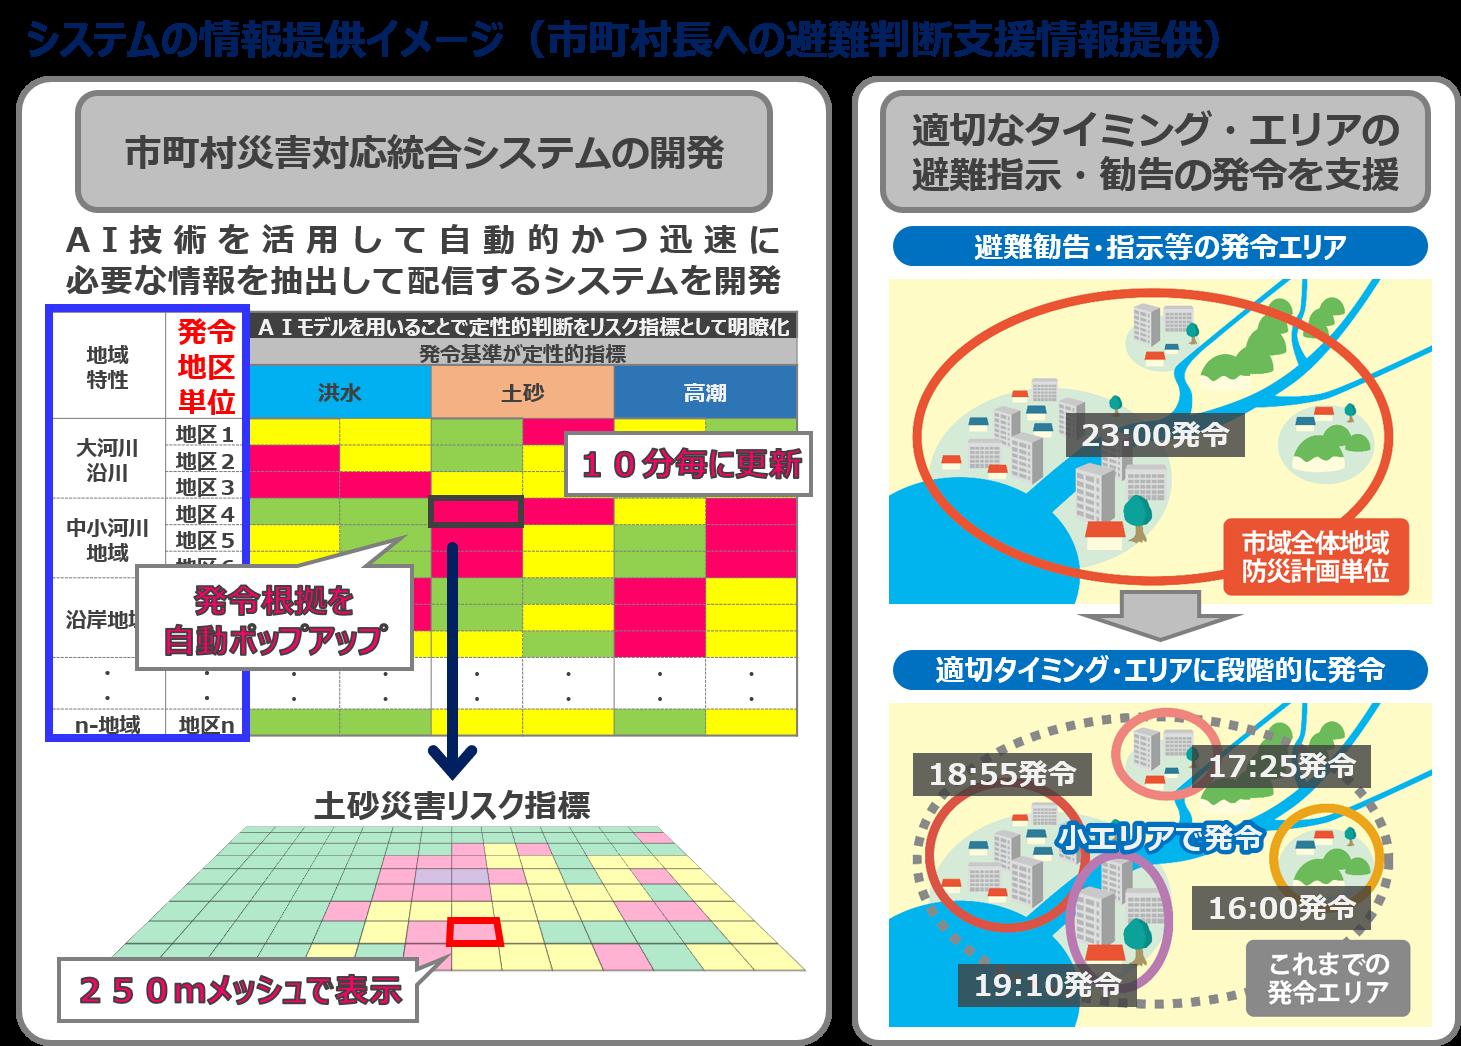 システムの情報提供イメージ(市町村長への避難判断支援情報提供).png